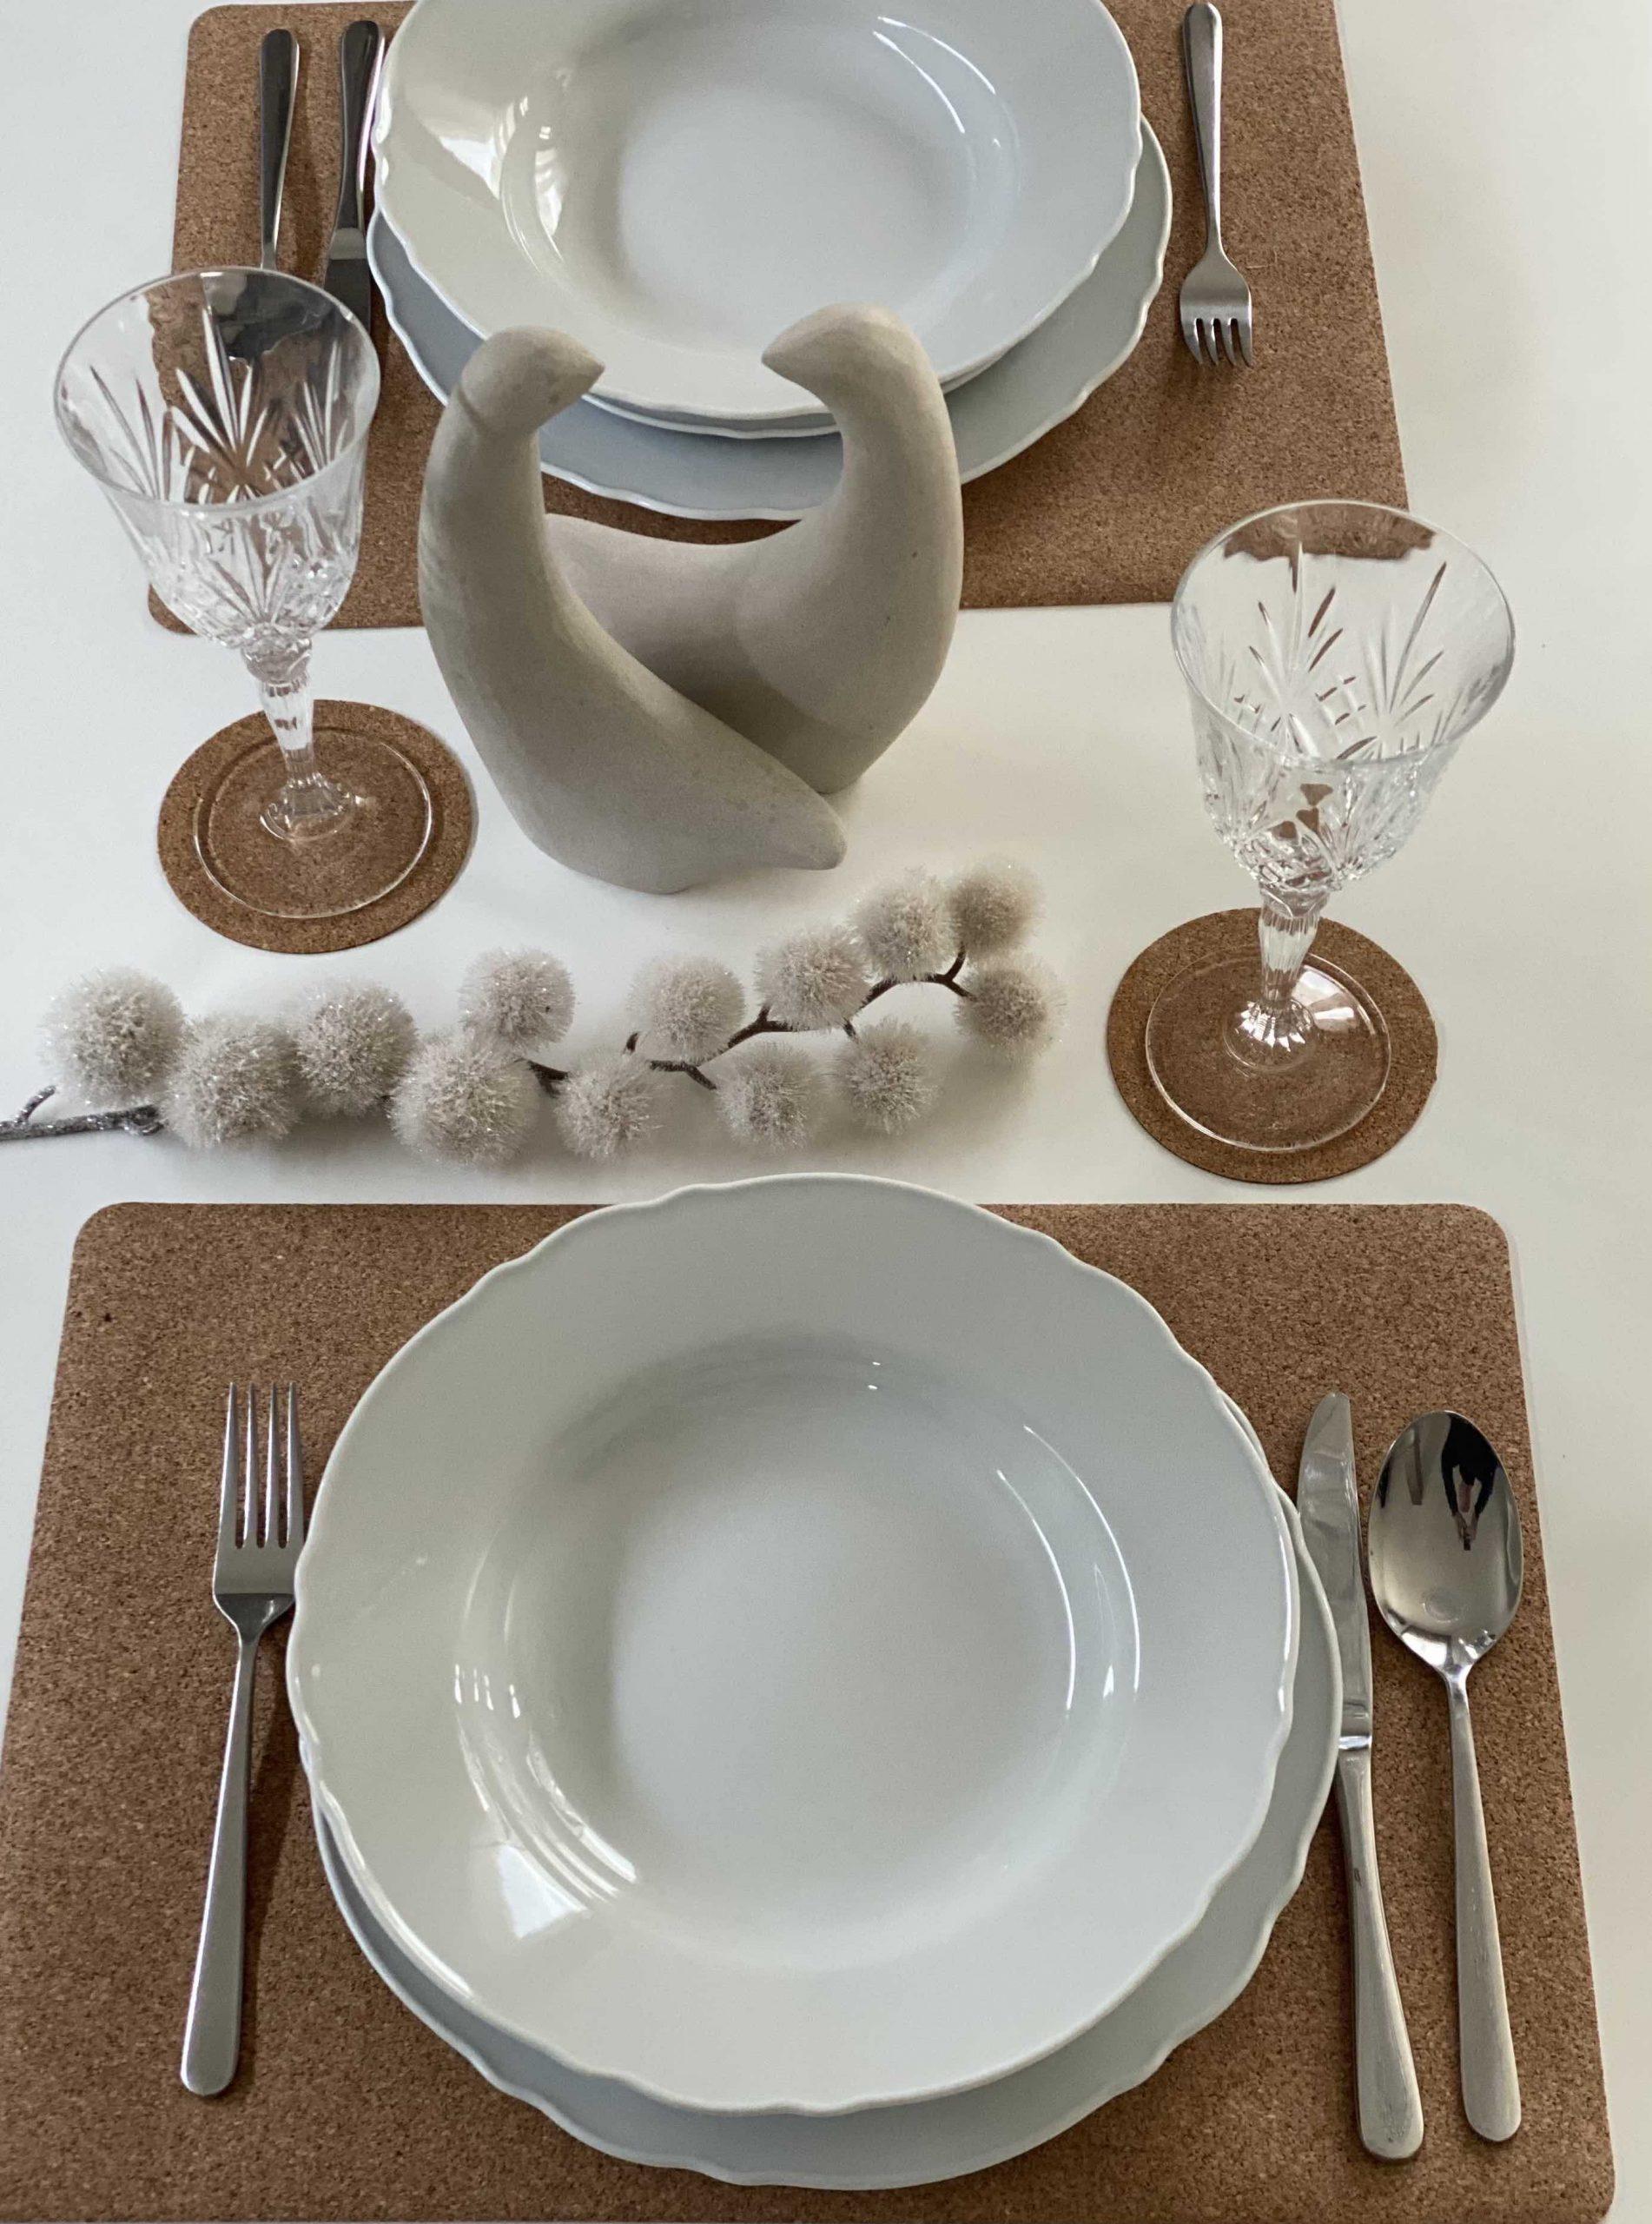 Anti-slip Natural Cork Table Sets and Coasters